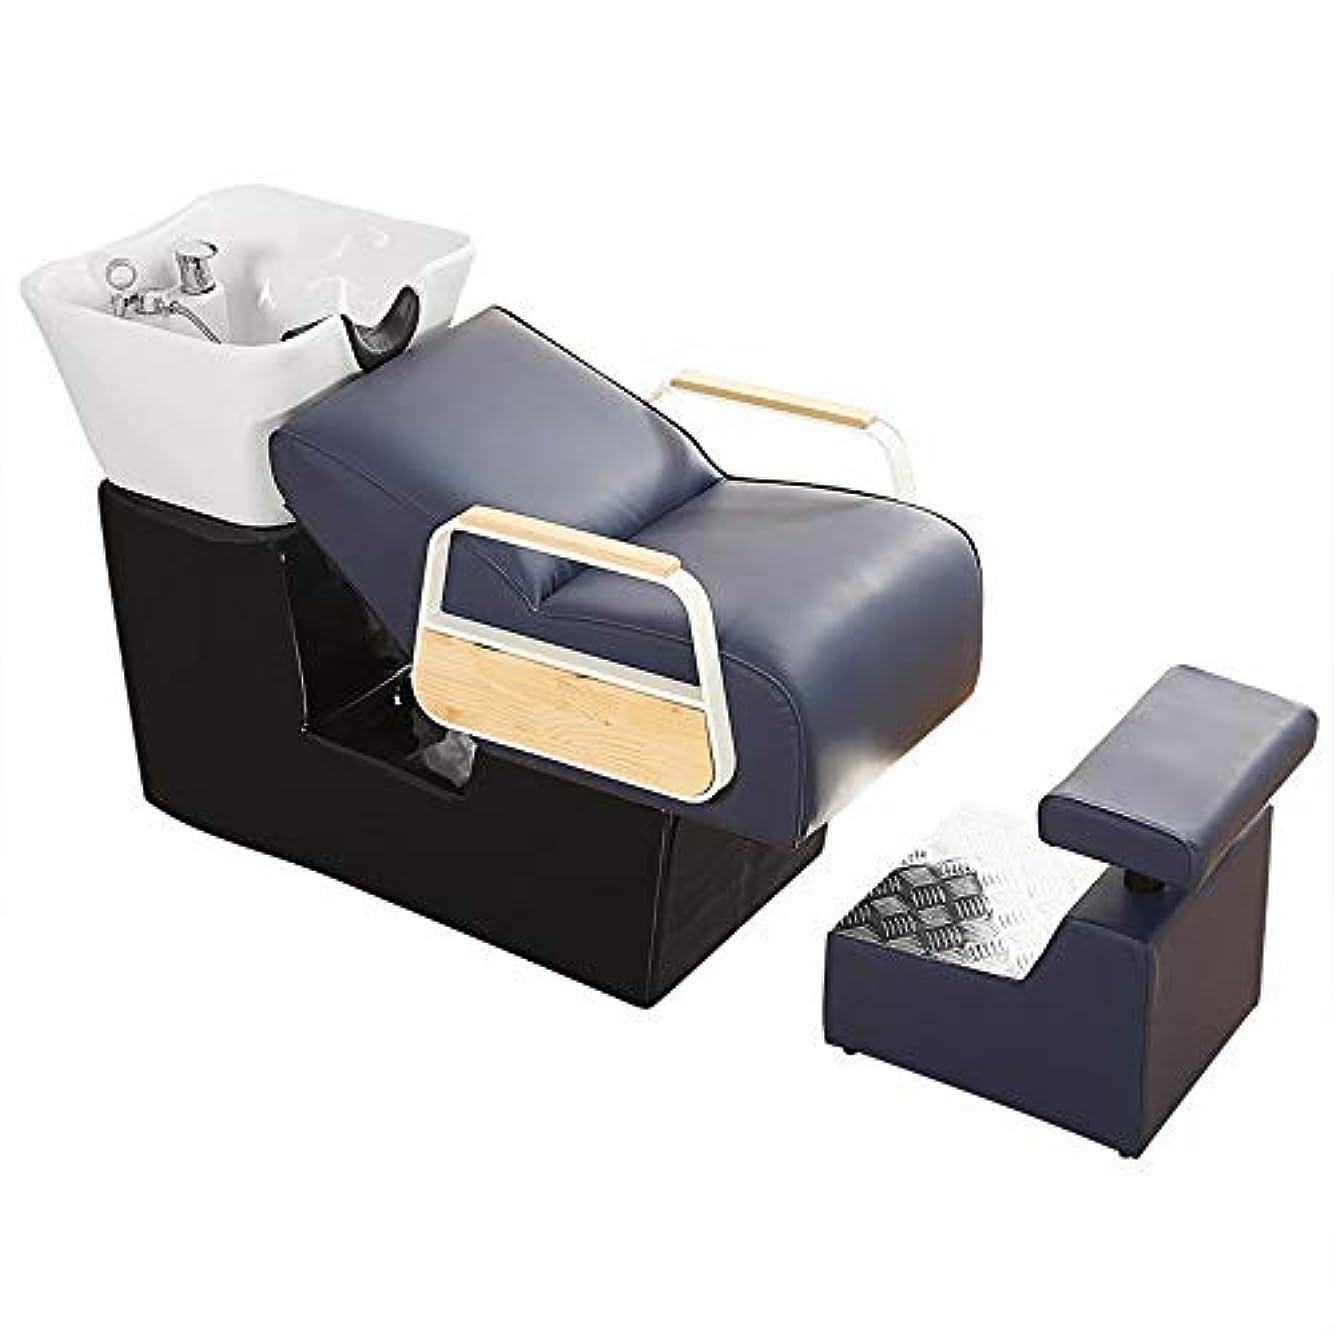 放牧する探す有害なシャンプーの椅子、逆洗の単位の陶磁器の洗面器の洗面器のための洗面器のボウル理髪シンクの椅子